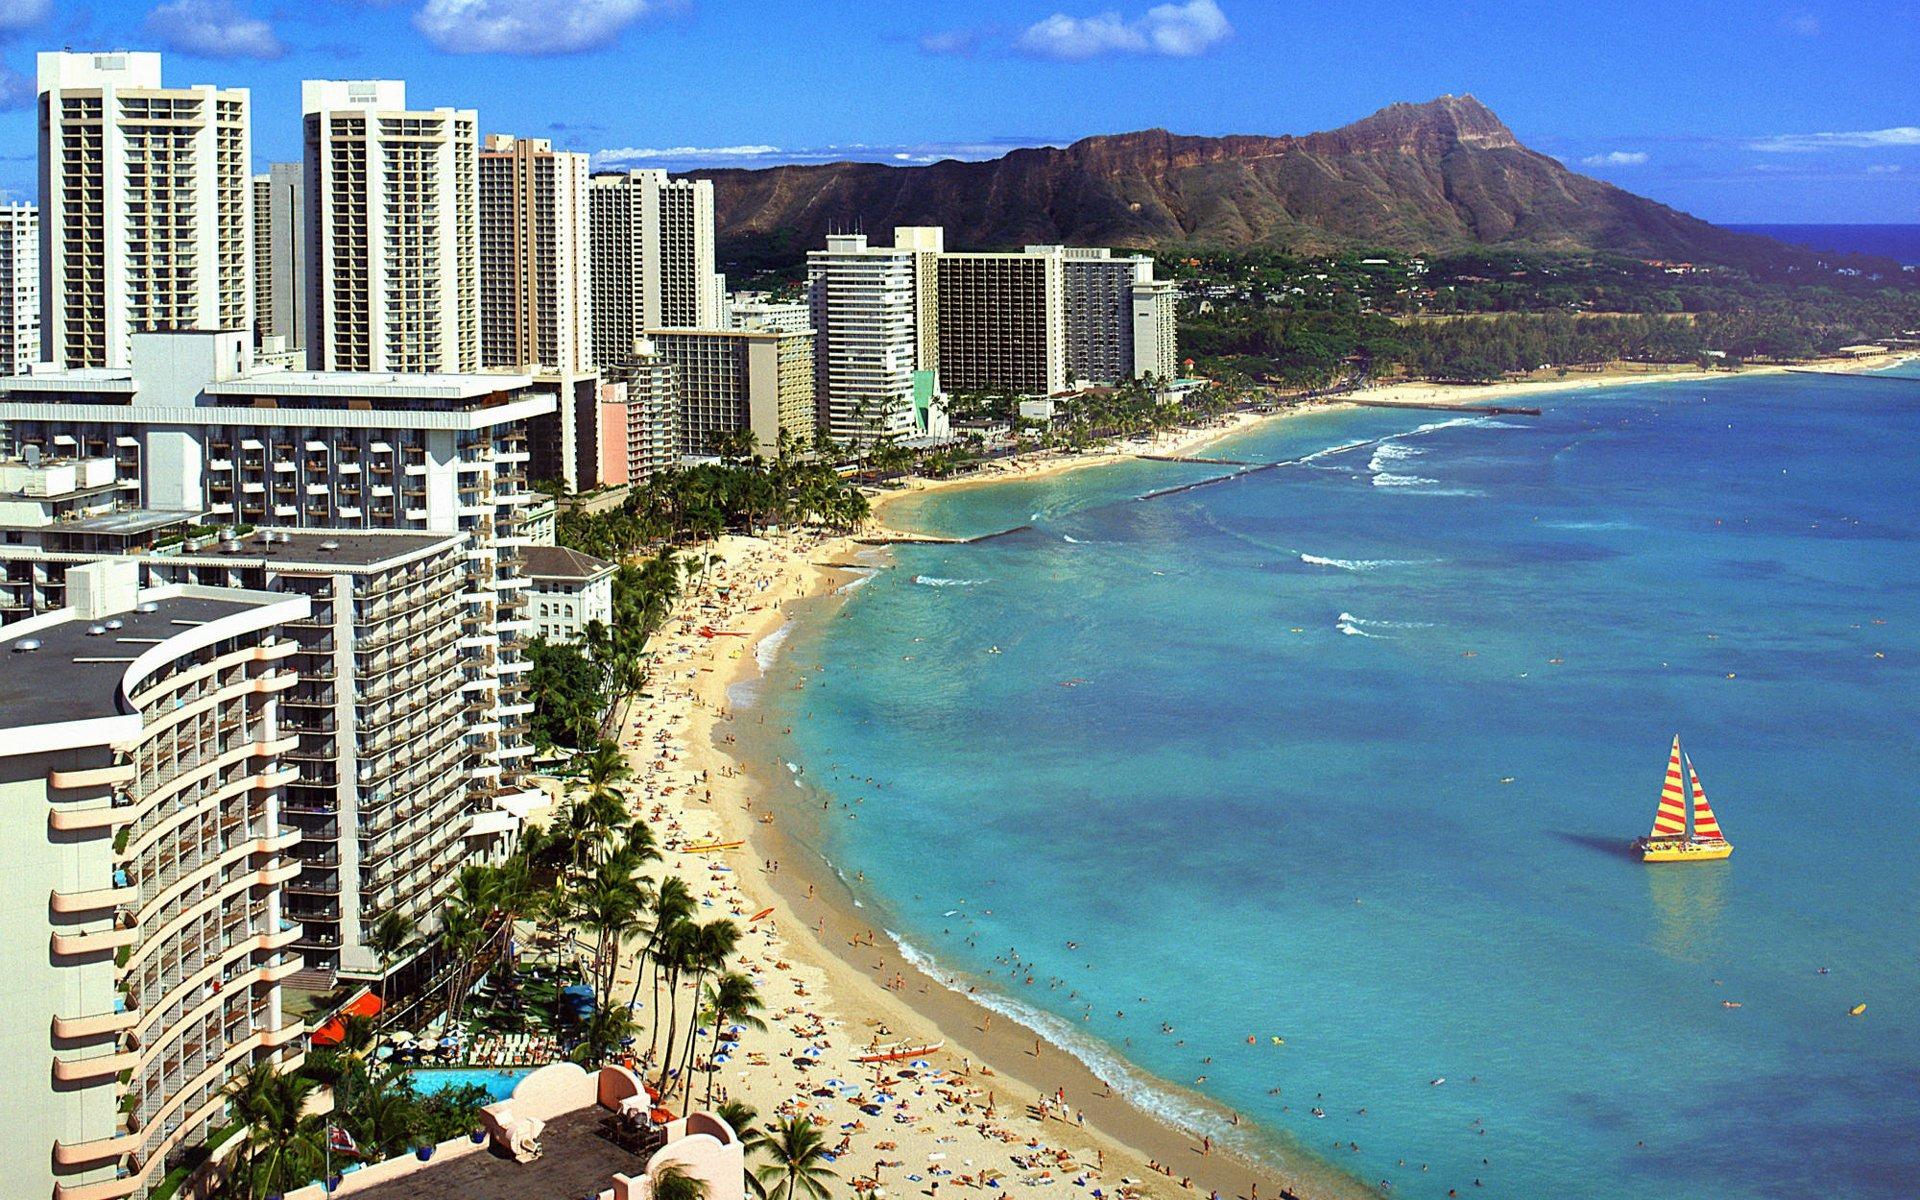 ハワイ 画像 壁紙